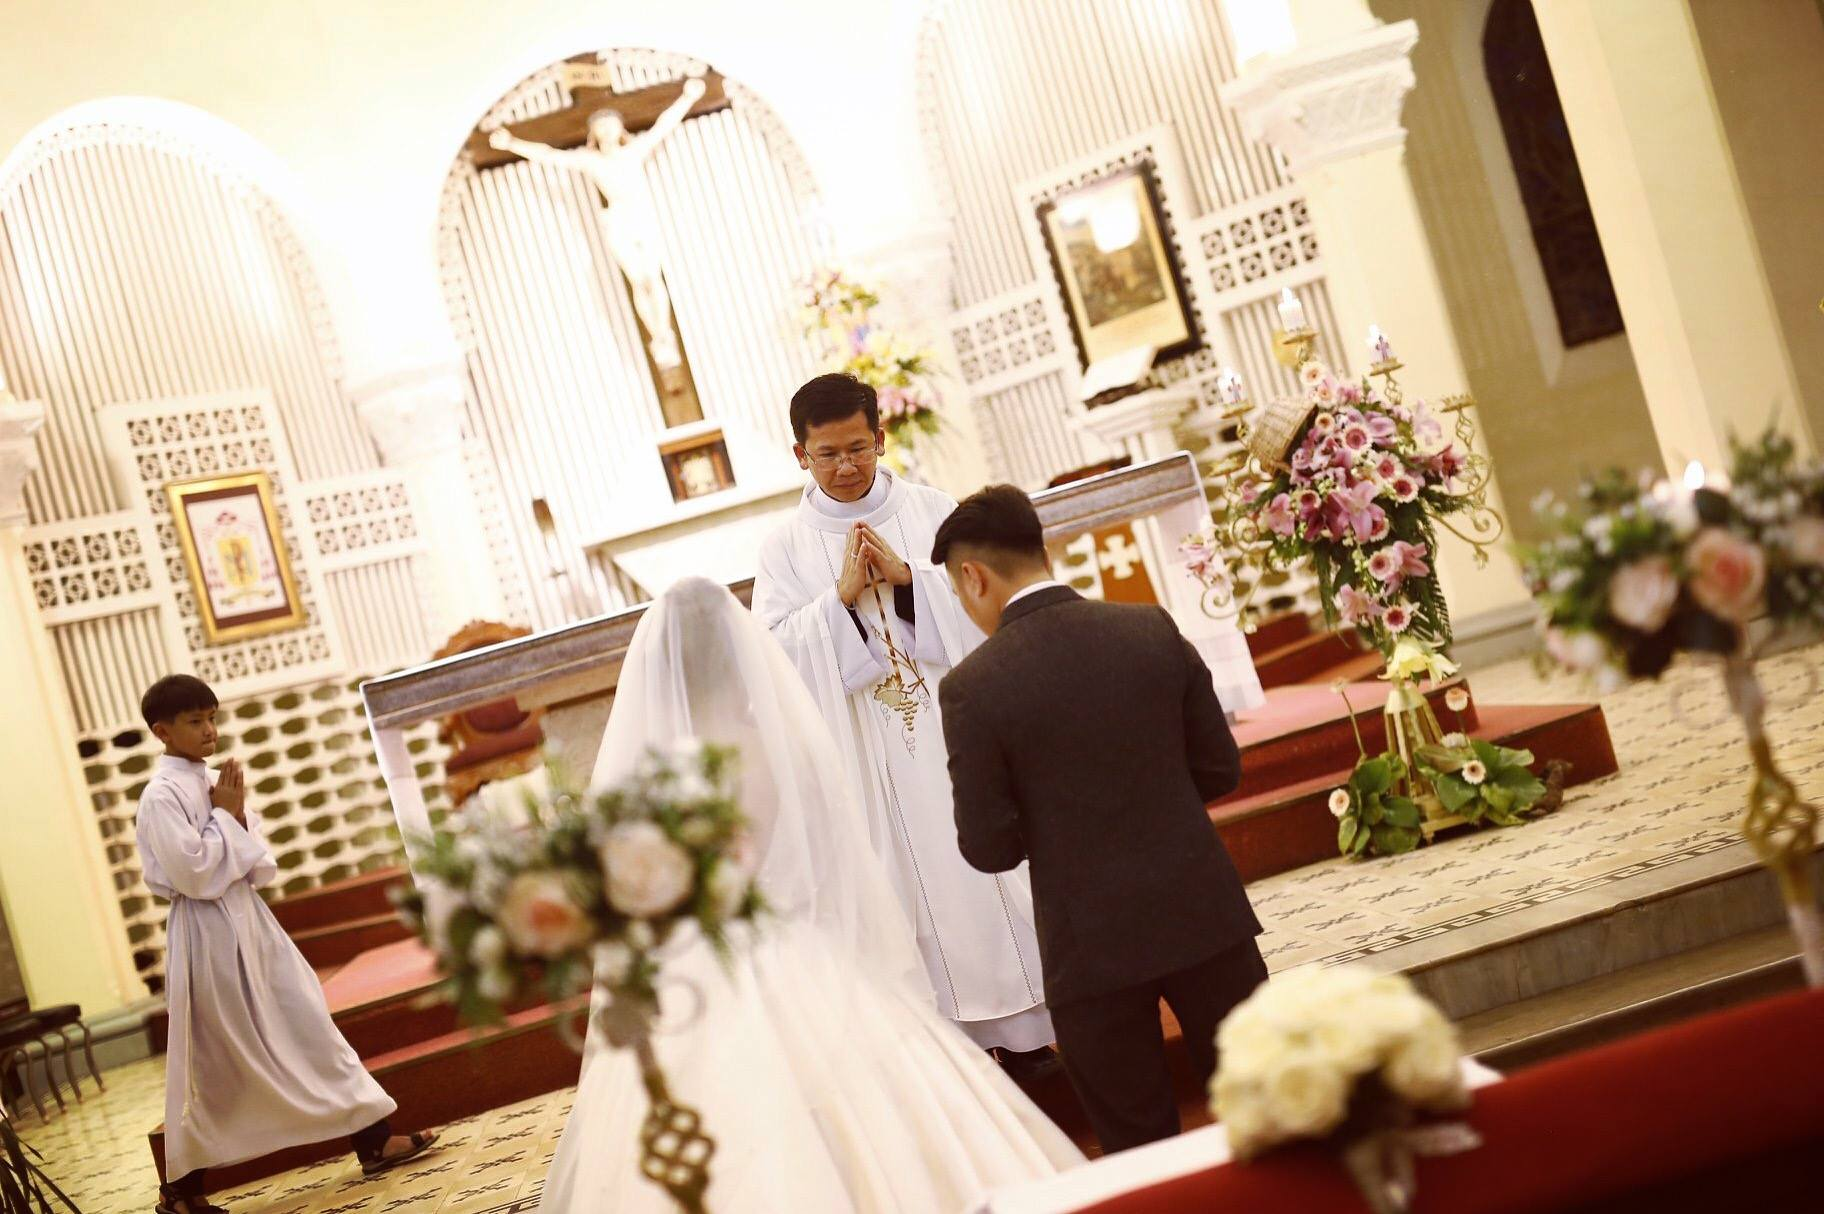 Hôn lễ được cử hành tại nhà thờ Chánh Tòa Đà Lạt.